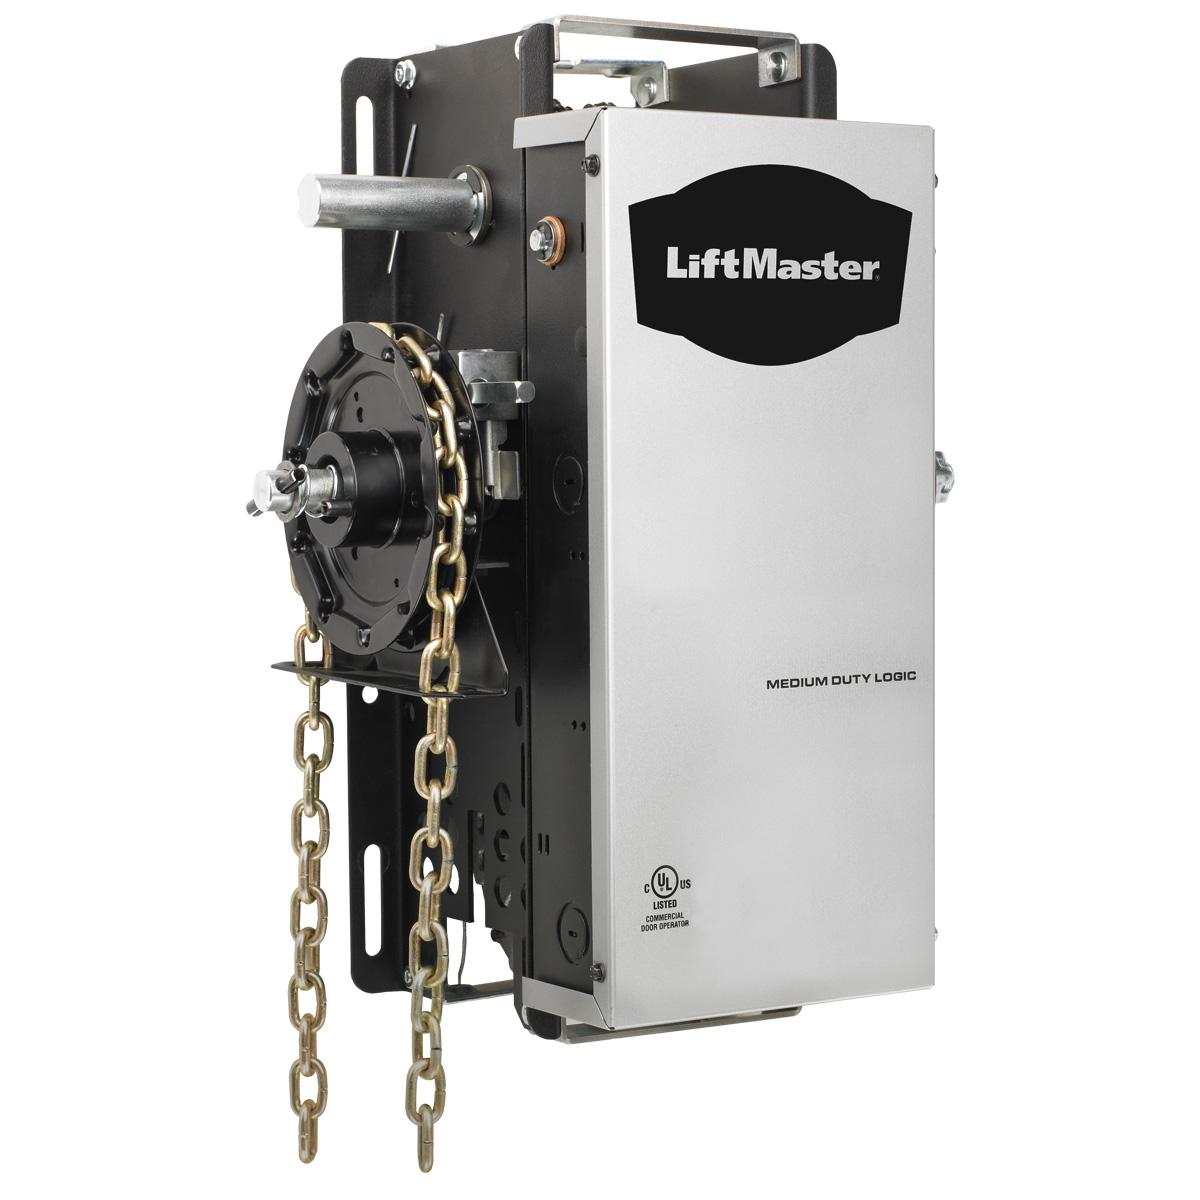 Liftmaster garage door opener manual model